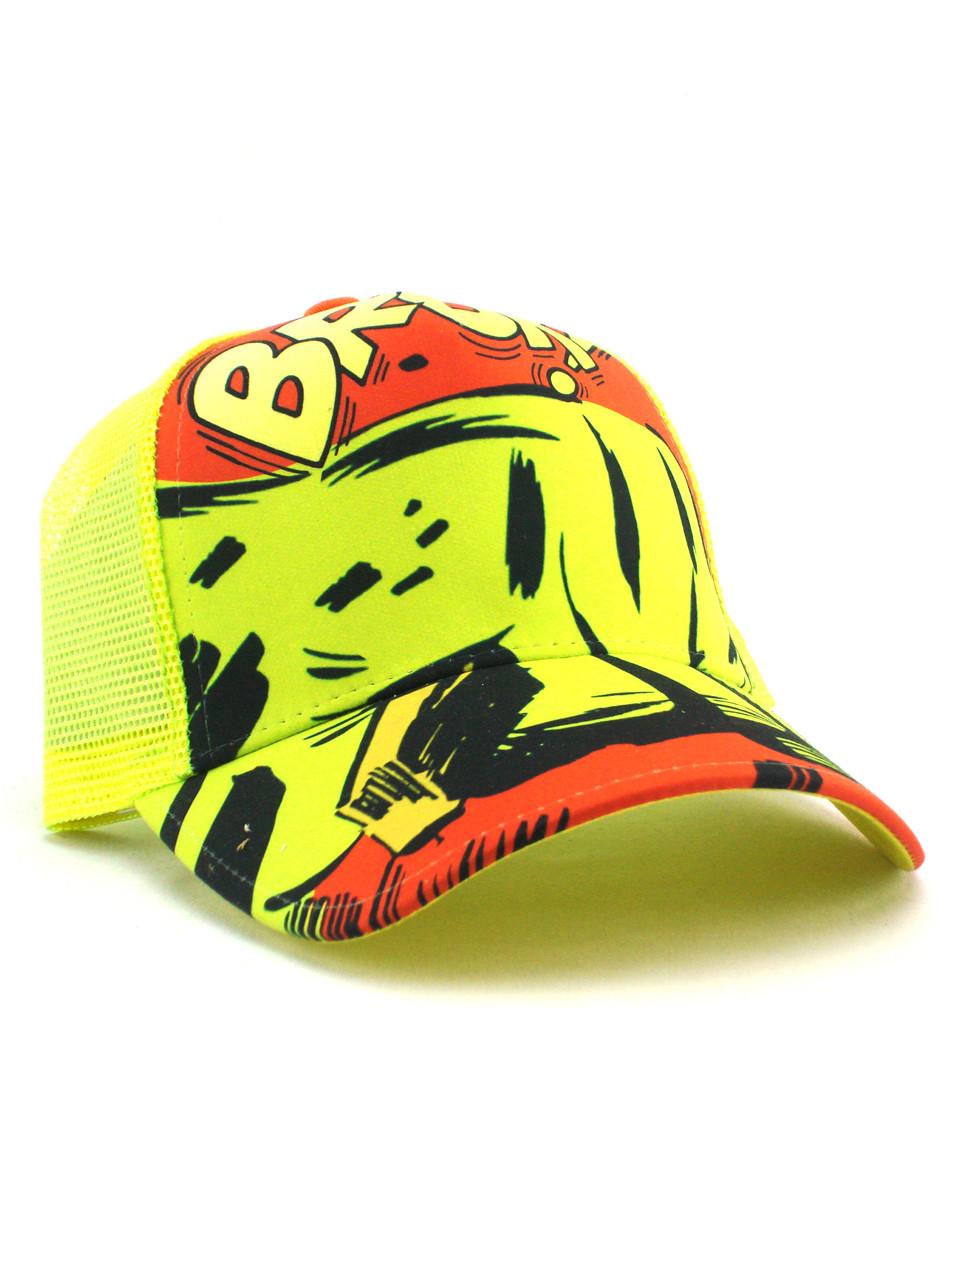 deae26ec3f3 New Era Hulk Fist of Rage Trucker Hat View 1